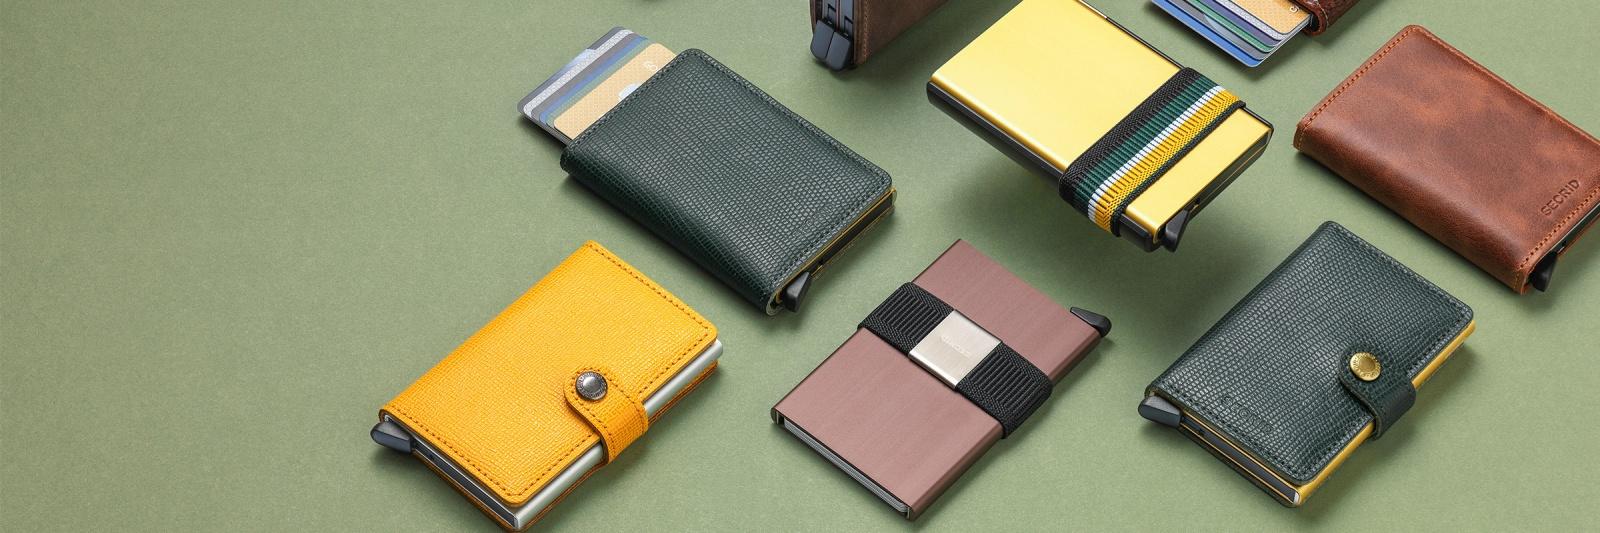 2a6896b5713 Secrid wallets zijn klein van buiten, maar groots van binnen. Elke Secrid  wallet bevat de ultra dunne aluminium Secrid Cardprotector.